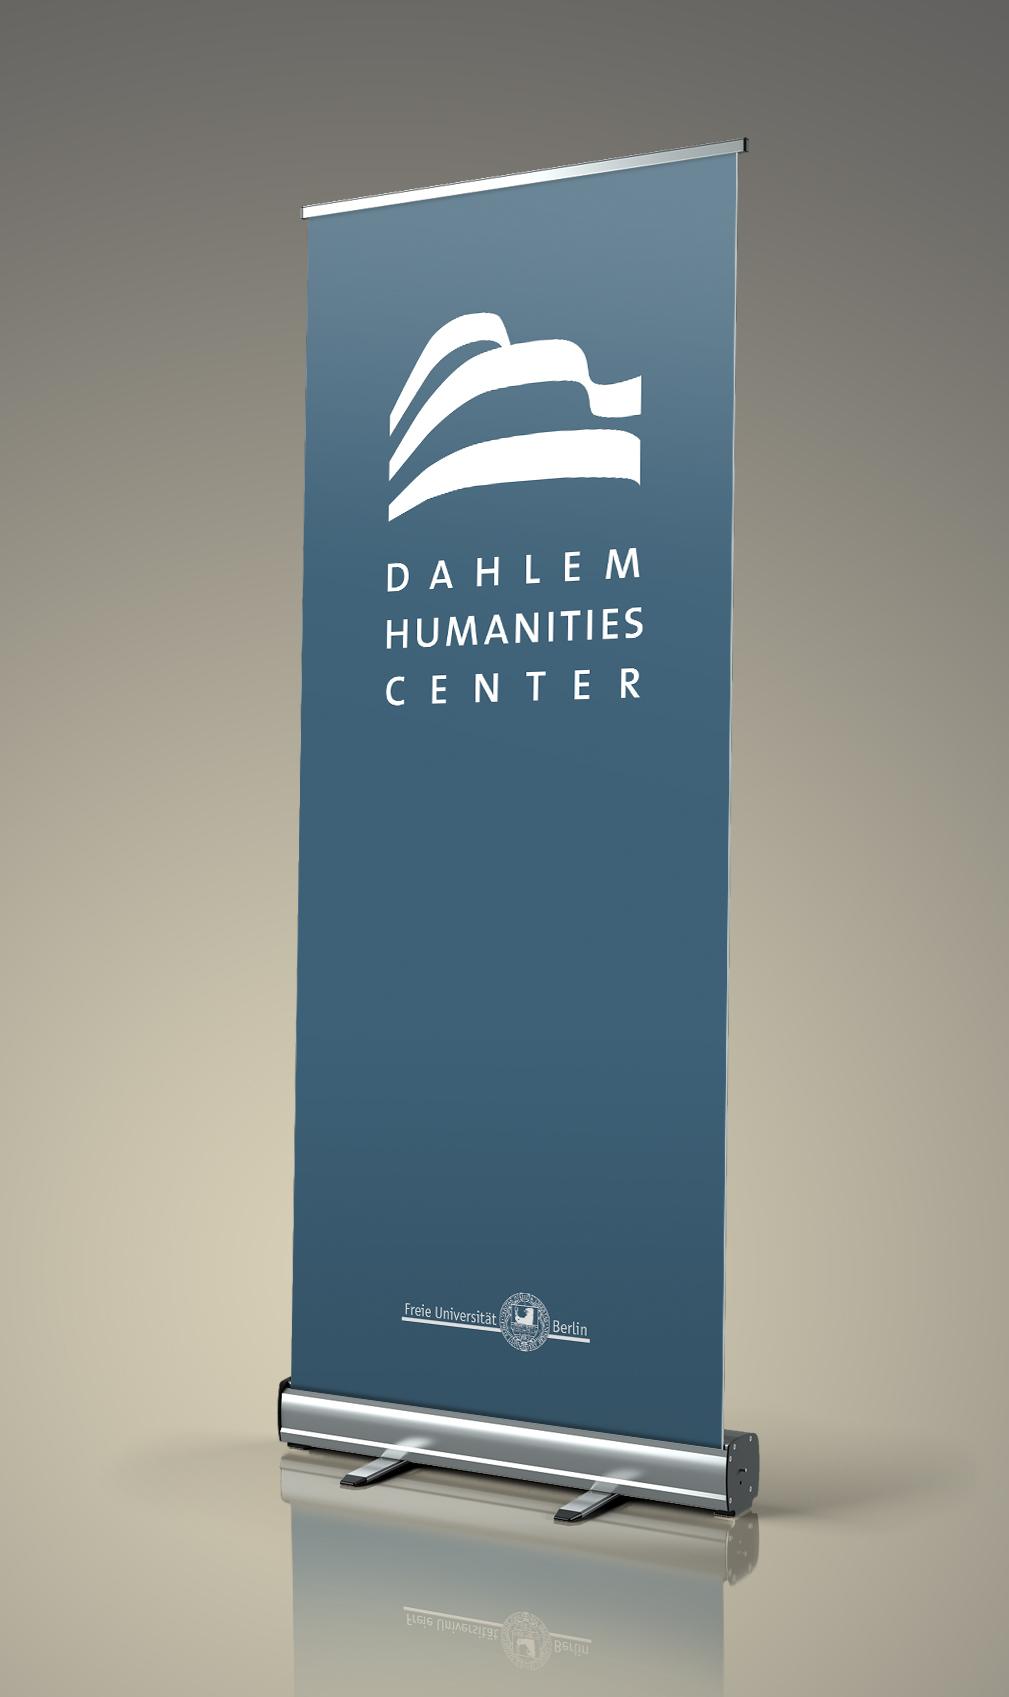 Neues Logo auf RollUp, Logo Re-Design für Dahlem Humanities Center, Freie Universität Berlin